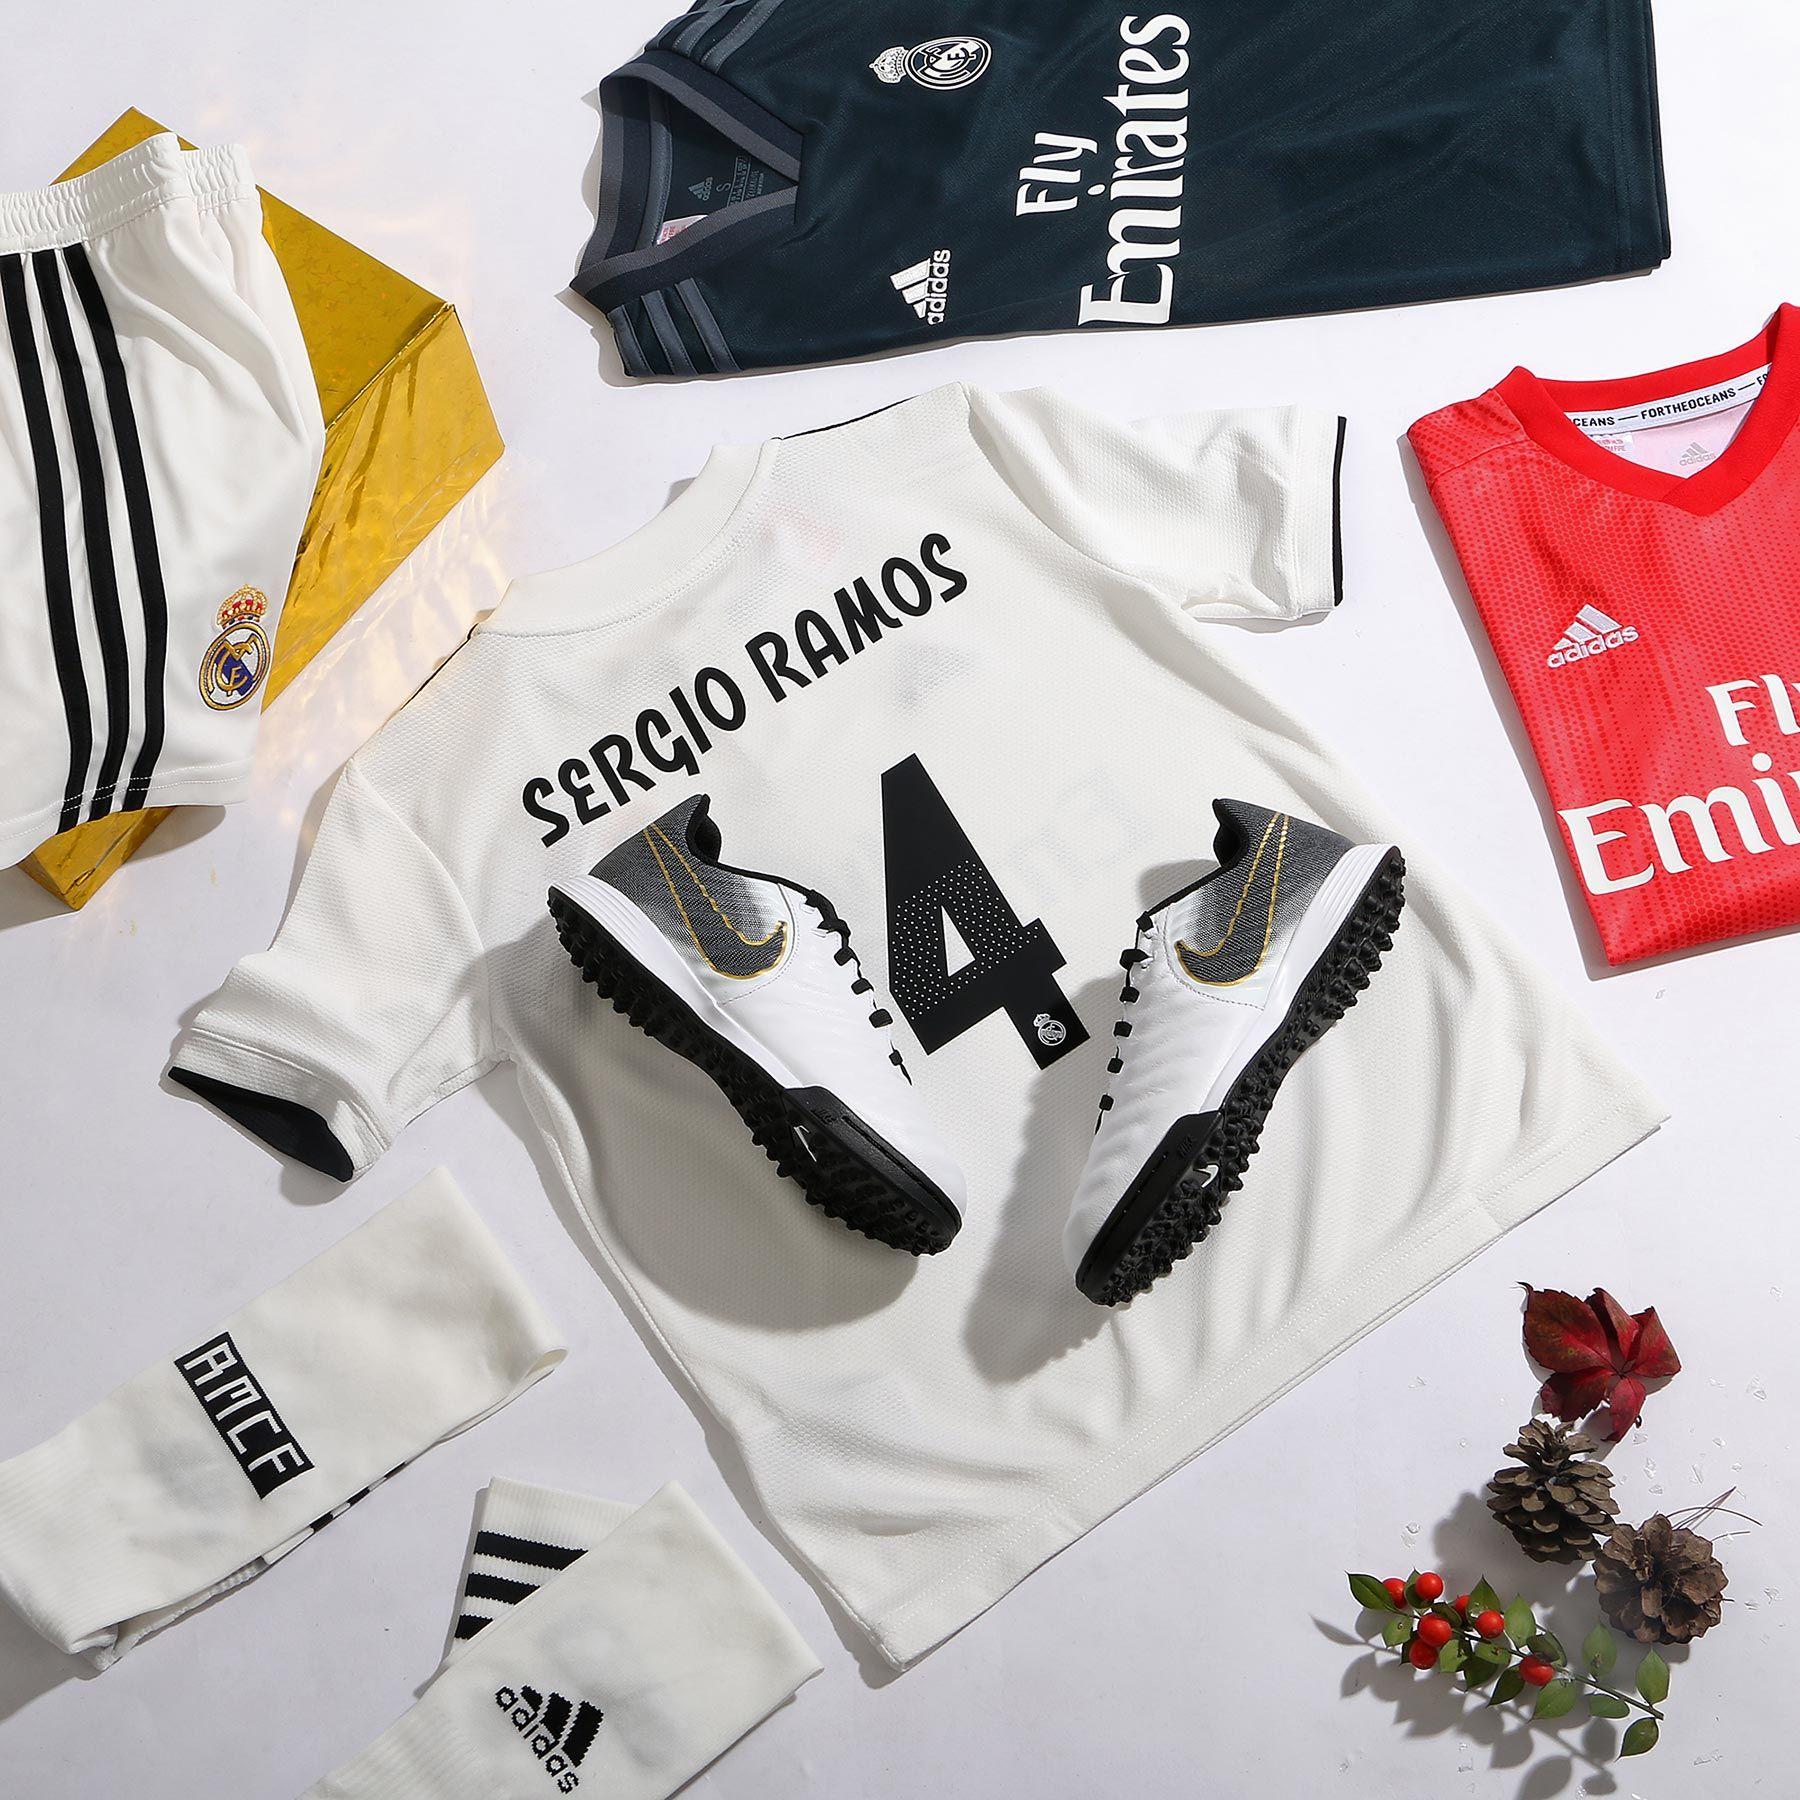 Instalación Corea combustible  Sergio Ramos Niño | Equipo de fútbol, Vestuarios deportivos, Sergio ramos